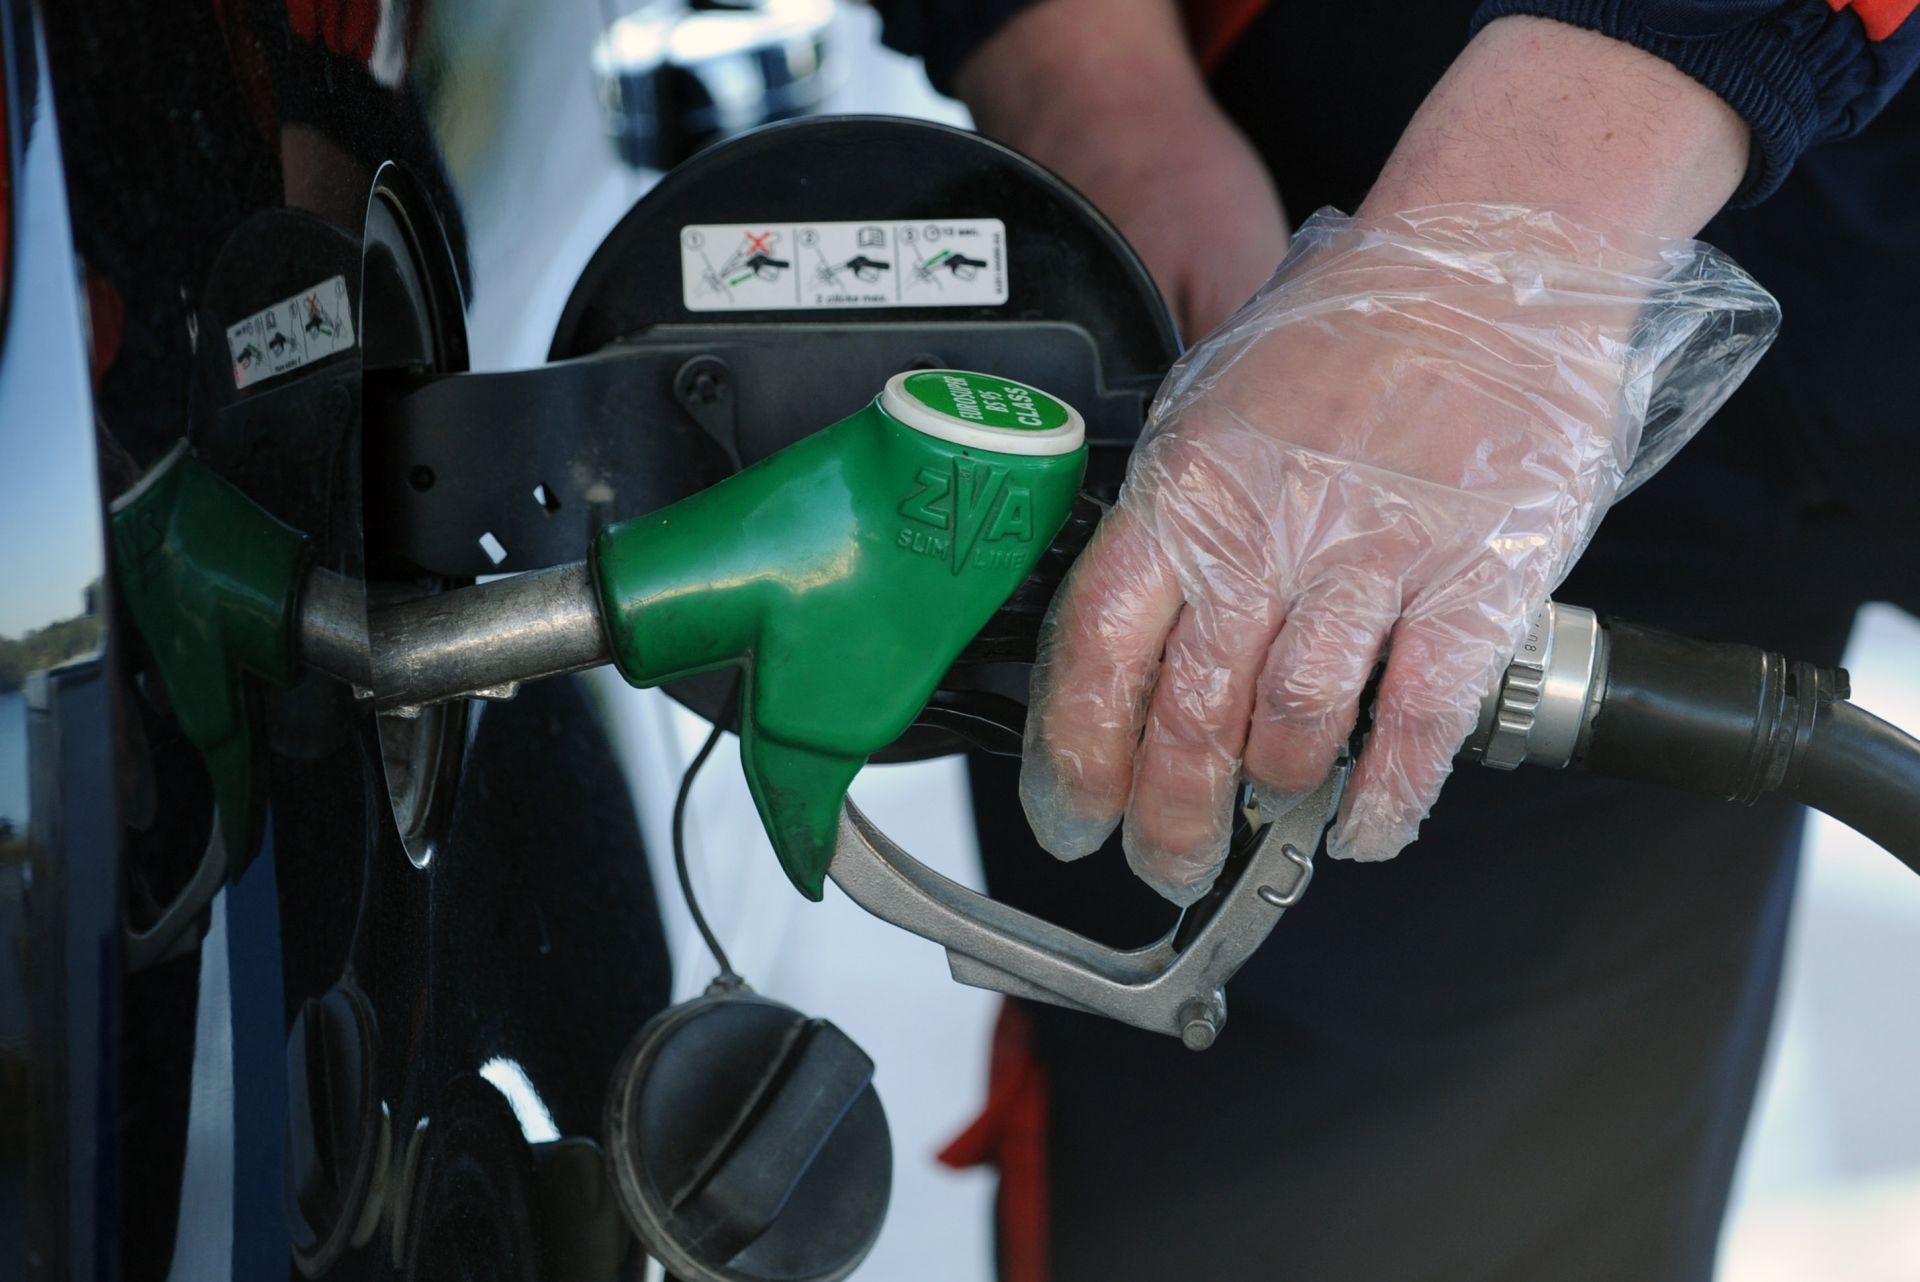 Od ponoći opet padaju cijene goriva